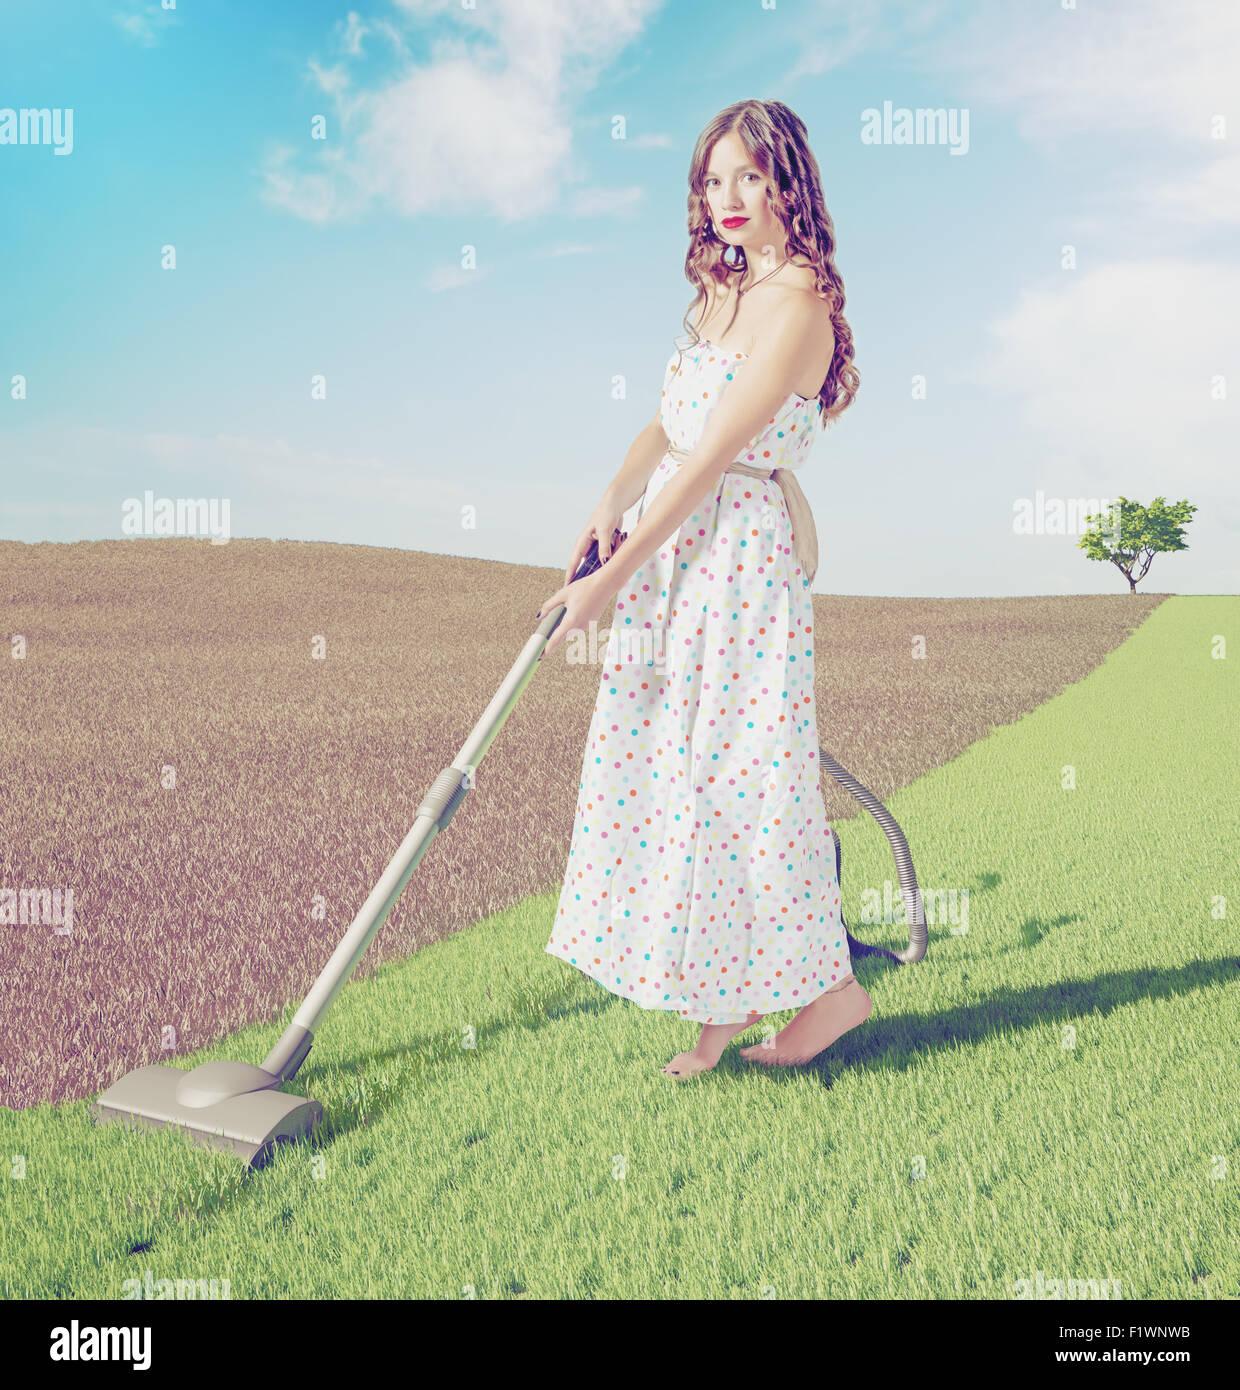 Jeune femme en herbe vert naturel nettoyage paysage sauvage. Concept créatif combiné photo Photo Stock